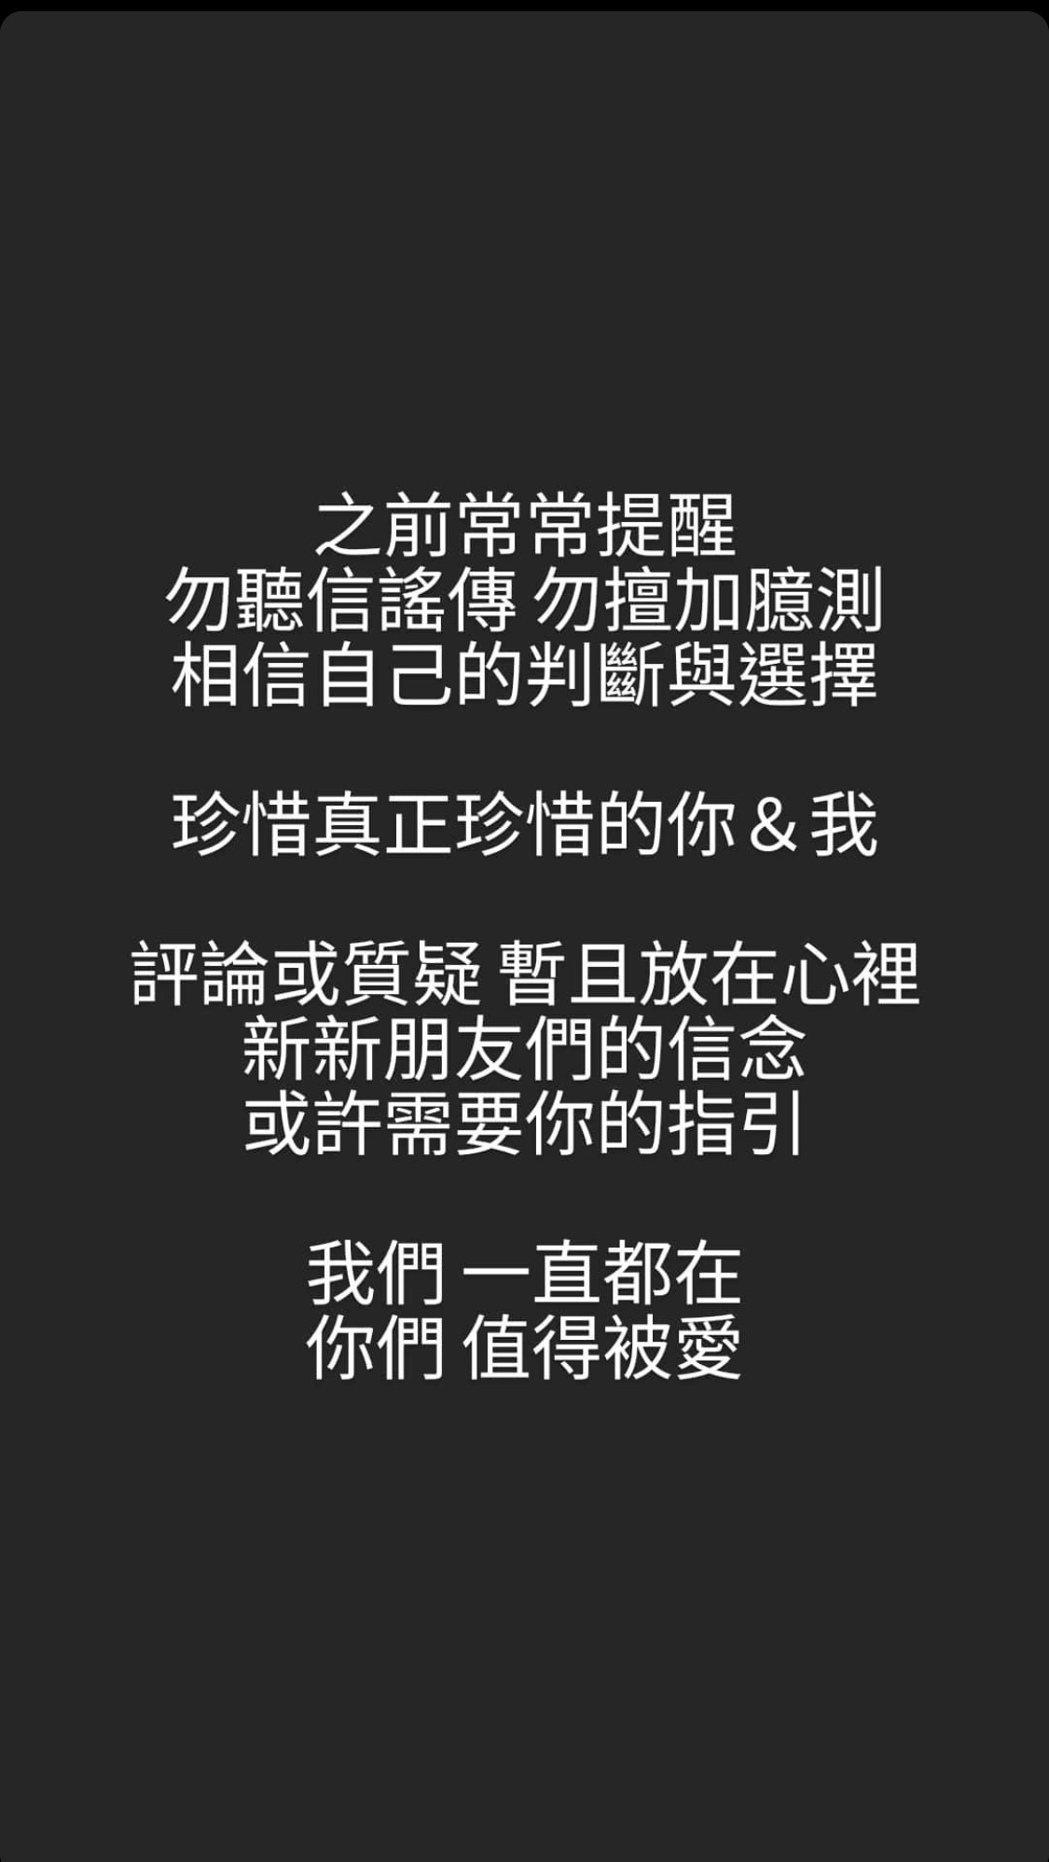 團員阿龔發文要粉絲相信自己的判斷。圖/摘自IG